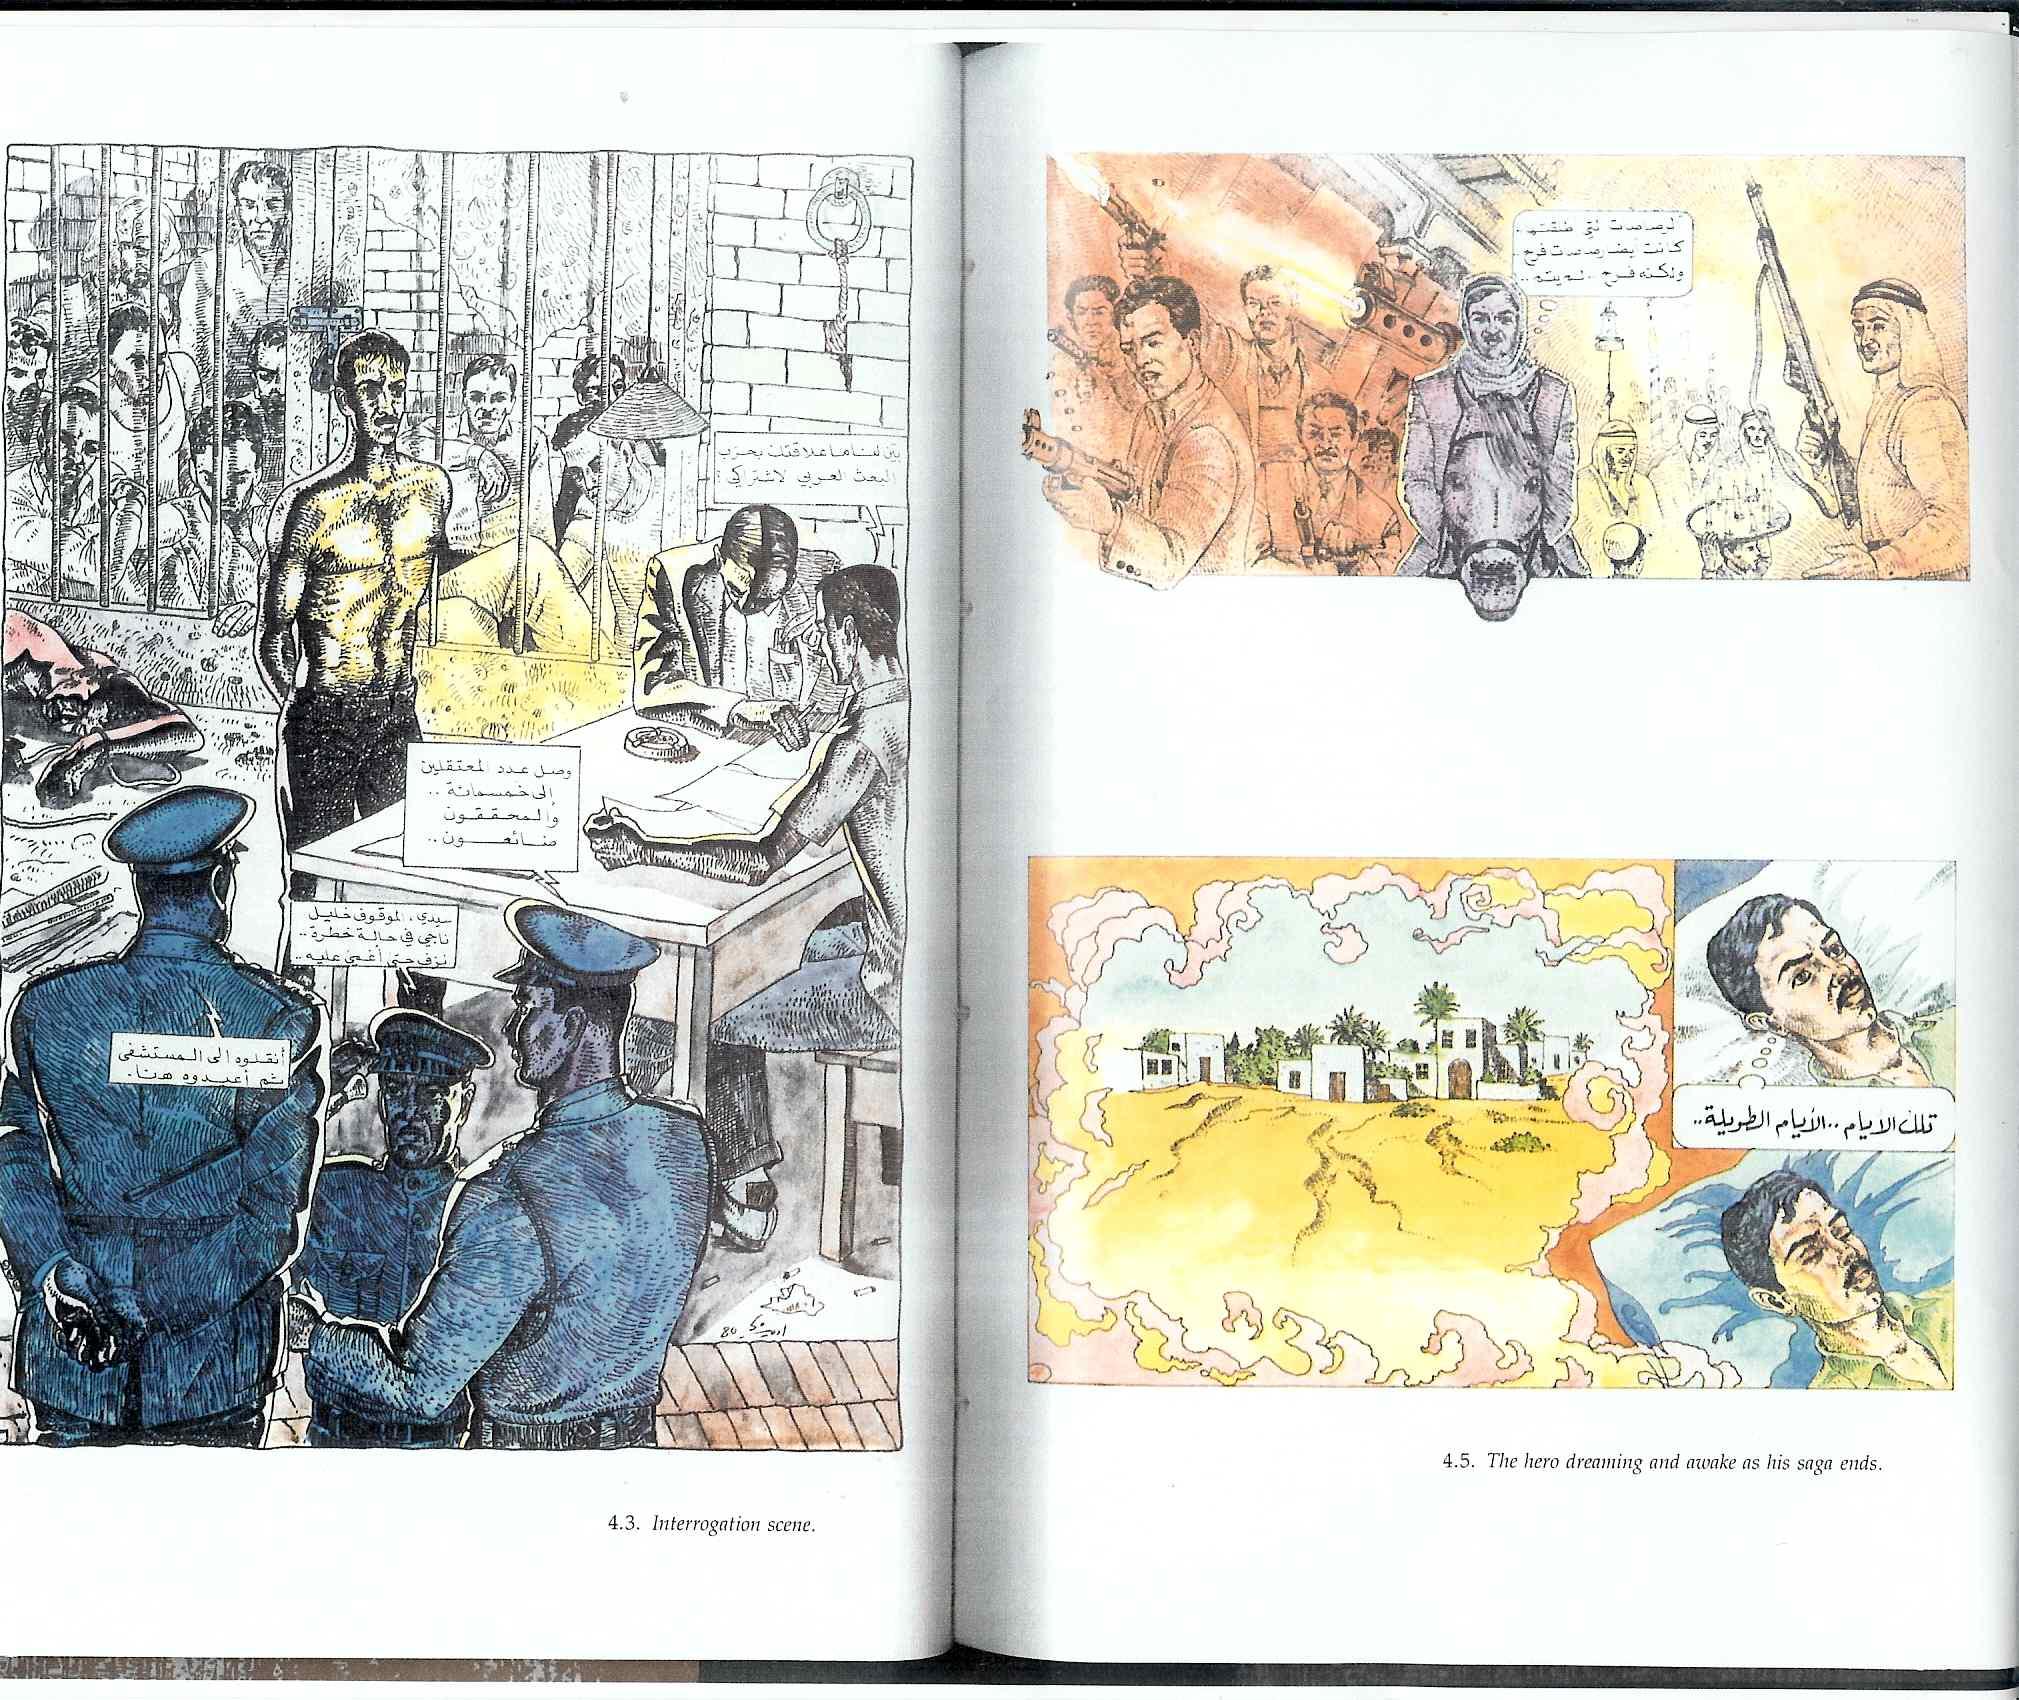 SADAM COMICS IN PRISON